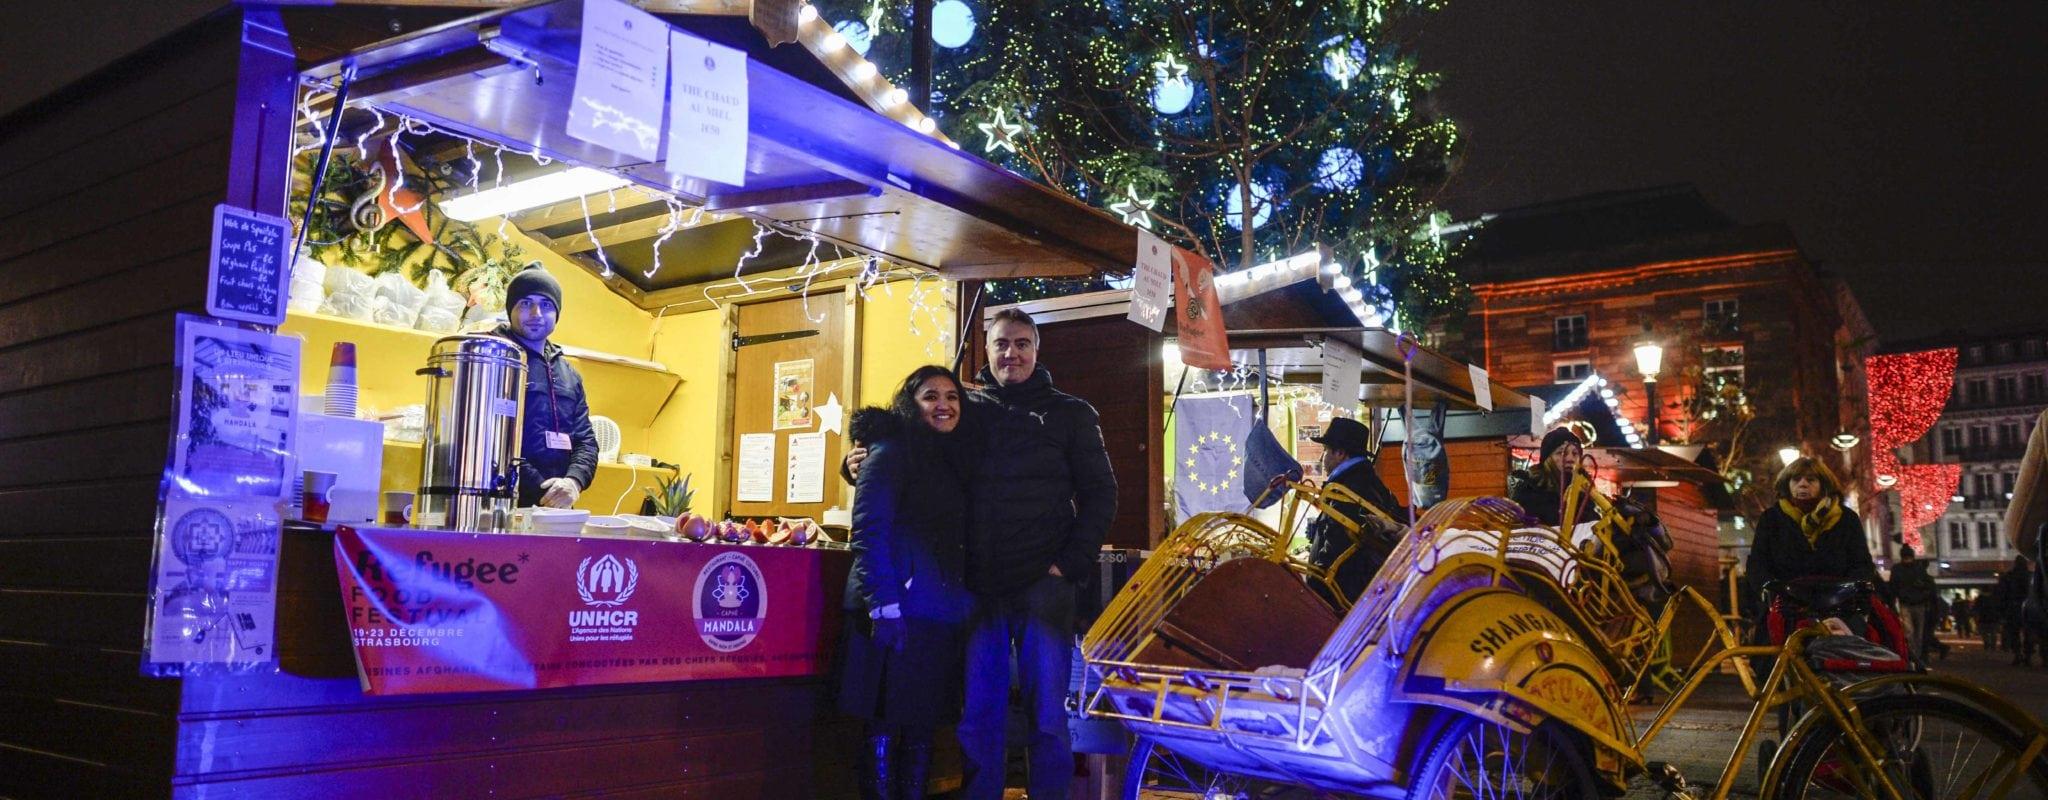 C'est le Refugee Food Festival à Strasbourg : business, engagement et gourmandise